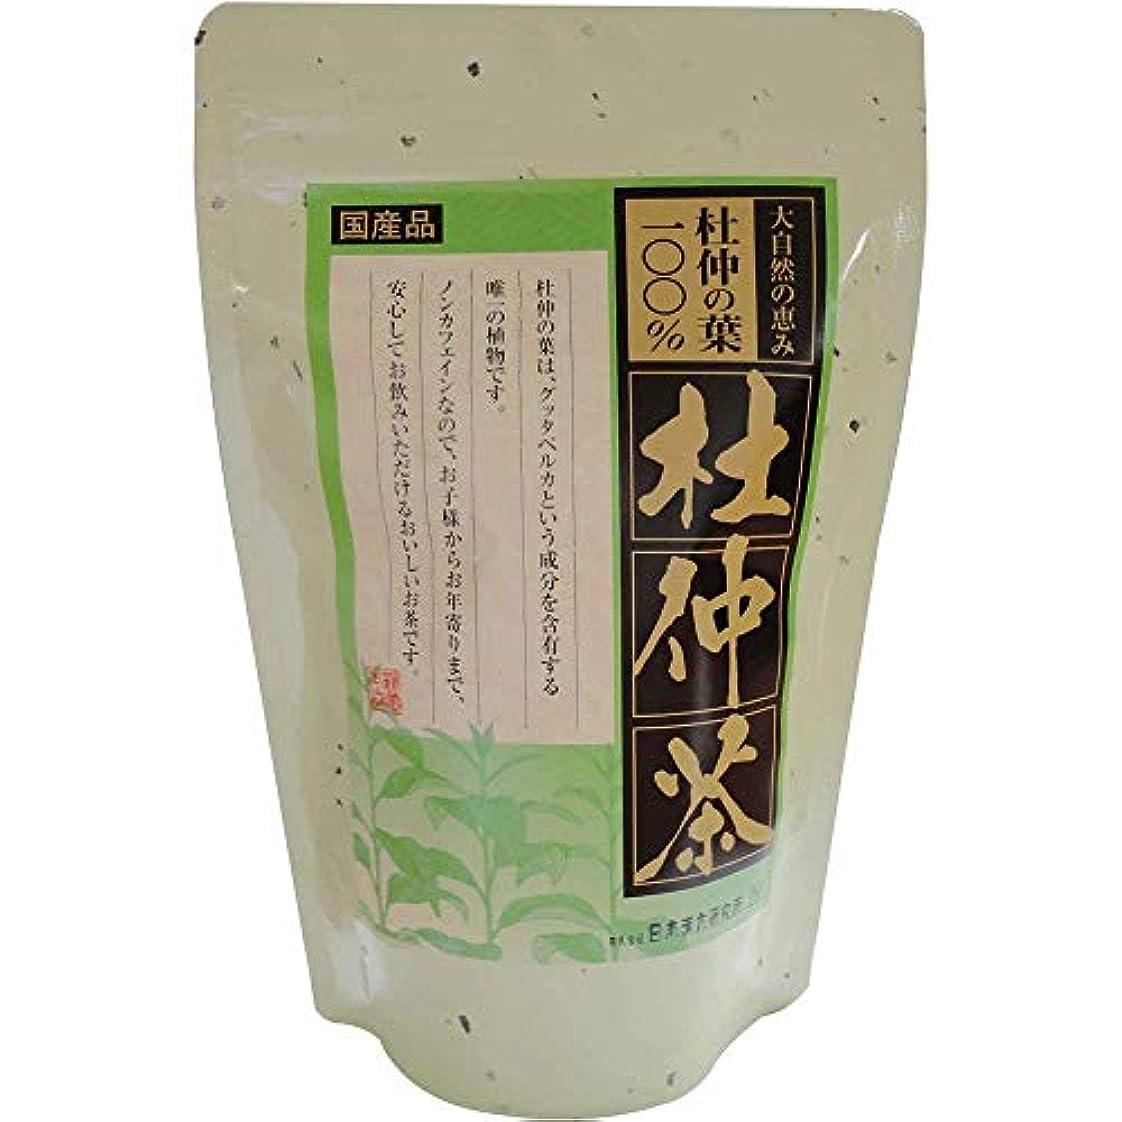 対抗バルセロナマージ杜仲茶100%(国産品) 2g×30包入 2個セット